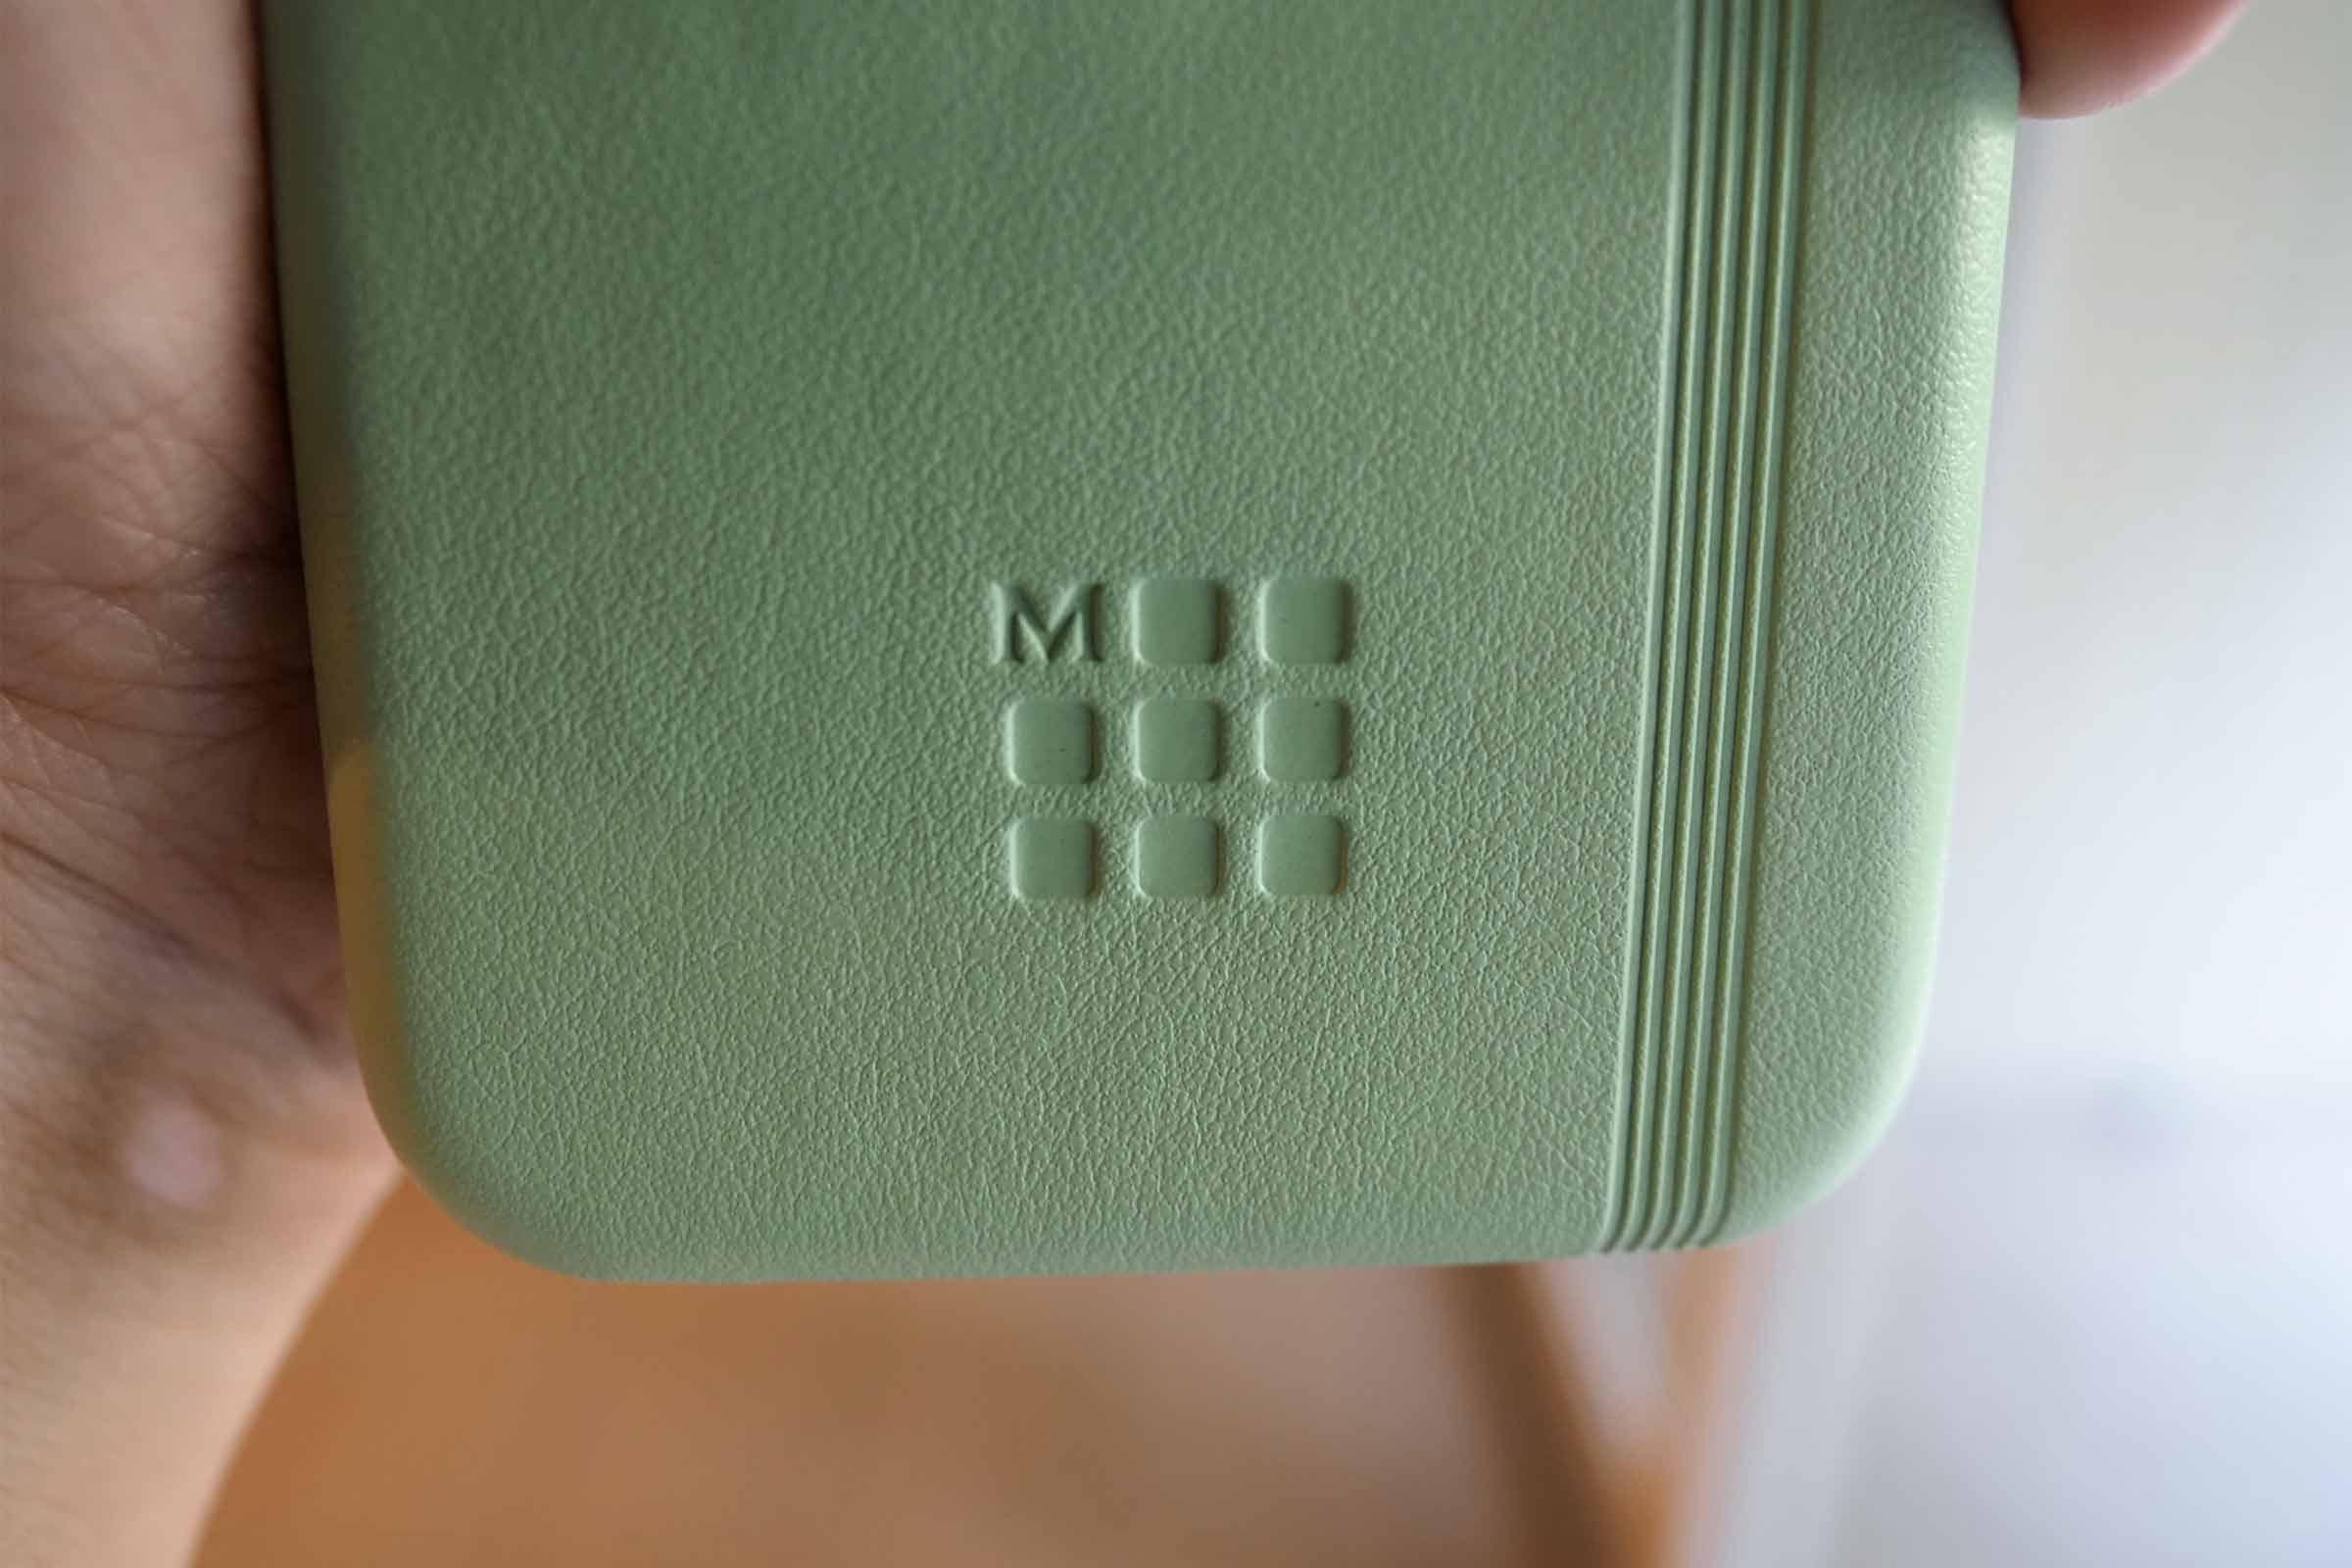 iPhoneケース,iPhone SE2カバー,iPhone8,アクセサリー,モレスキン,お洒落,可愛い,ロゴ